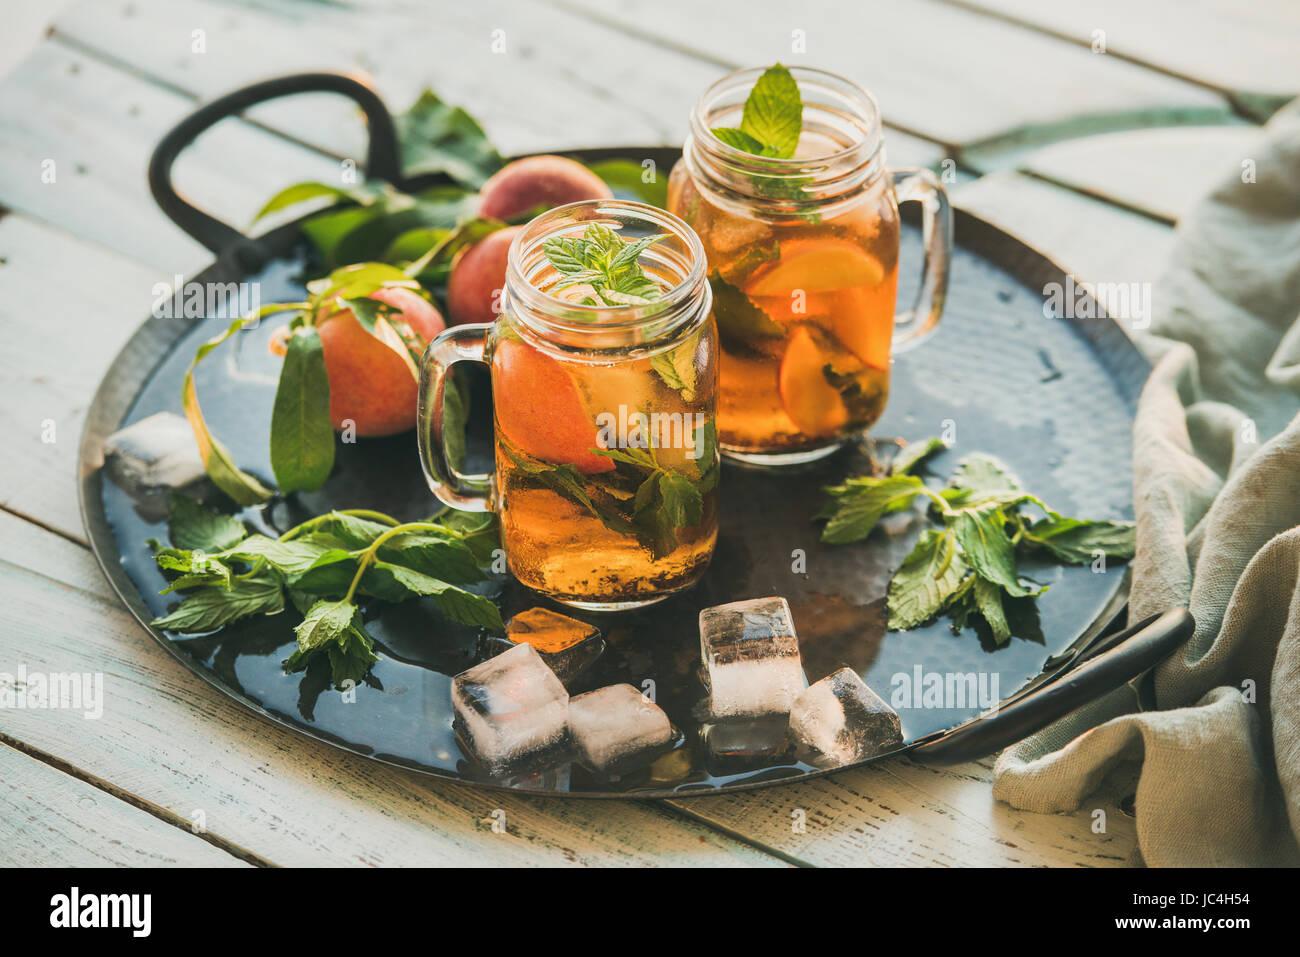 Rafraîchissant de l'été thé glacé pêche froid sur table en bois rustique Photo Stock